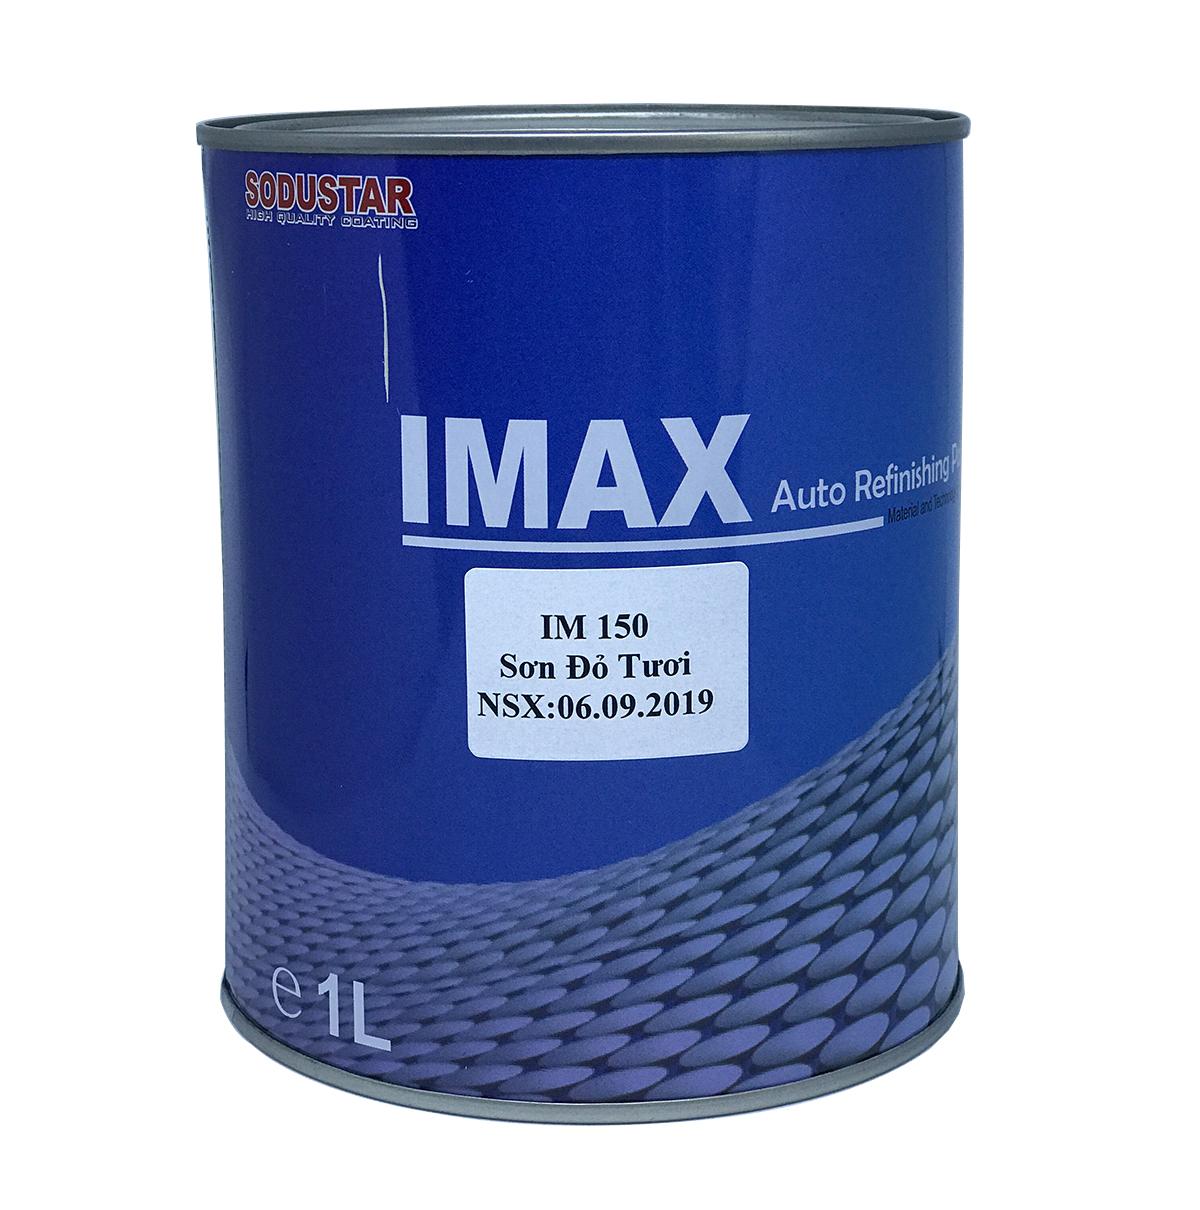 Dòng sơn màu 1 thành phần (1K) - IM 1xx